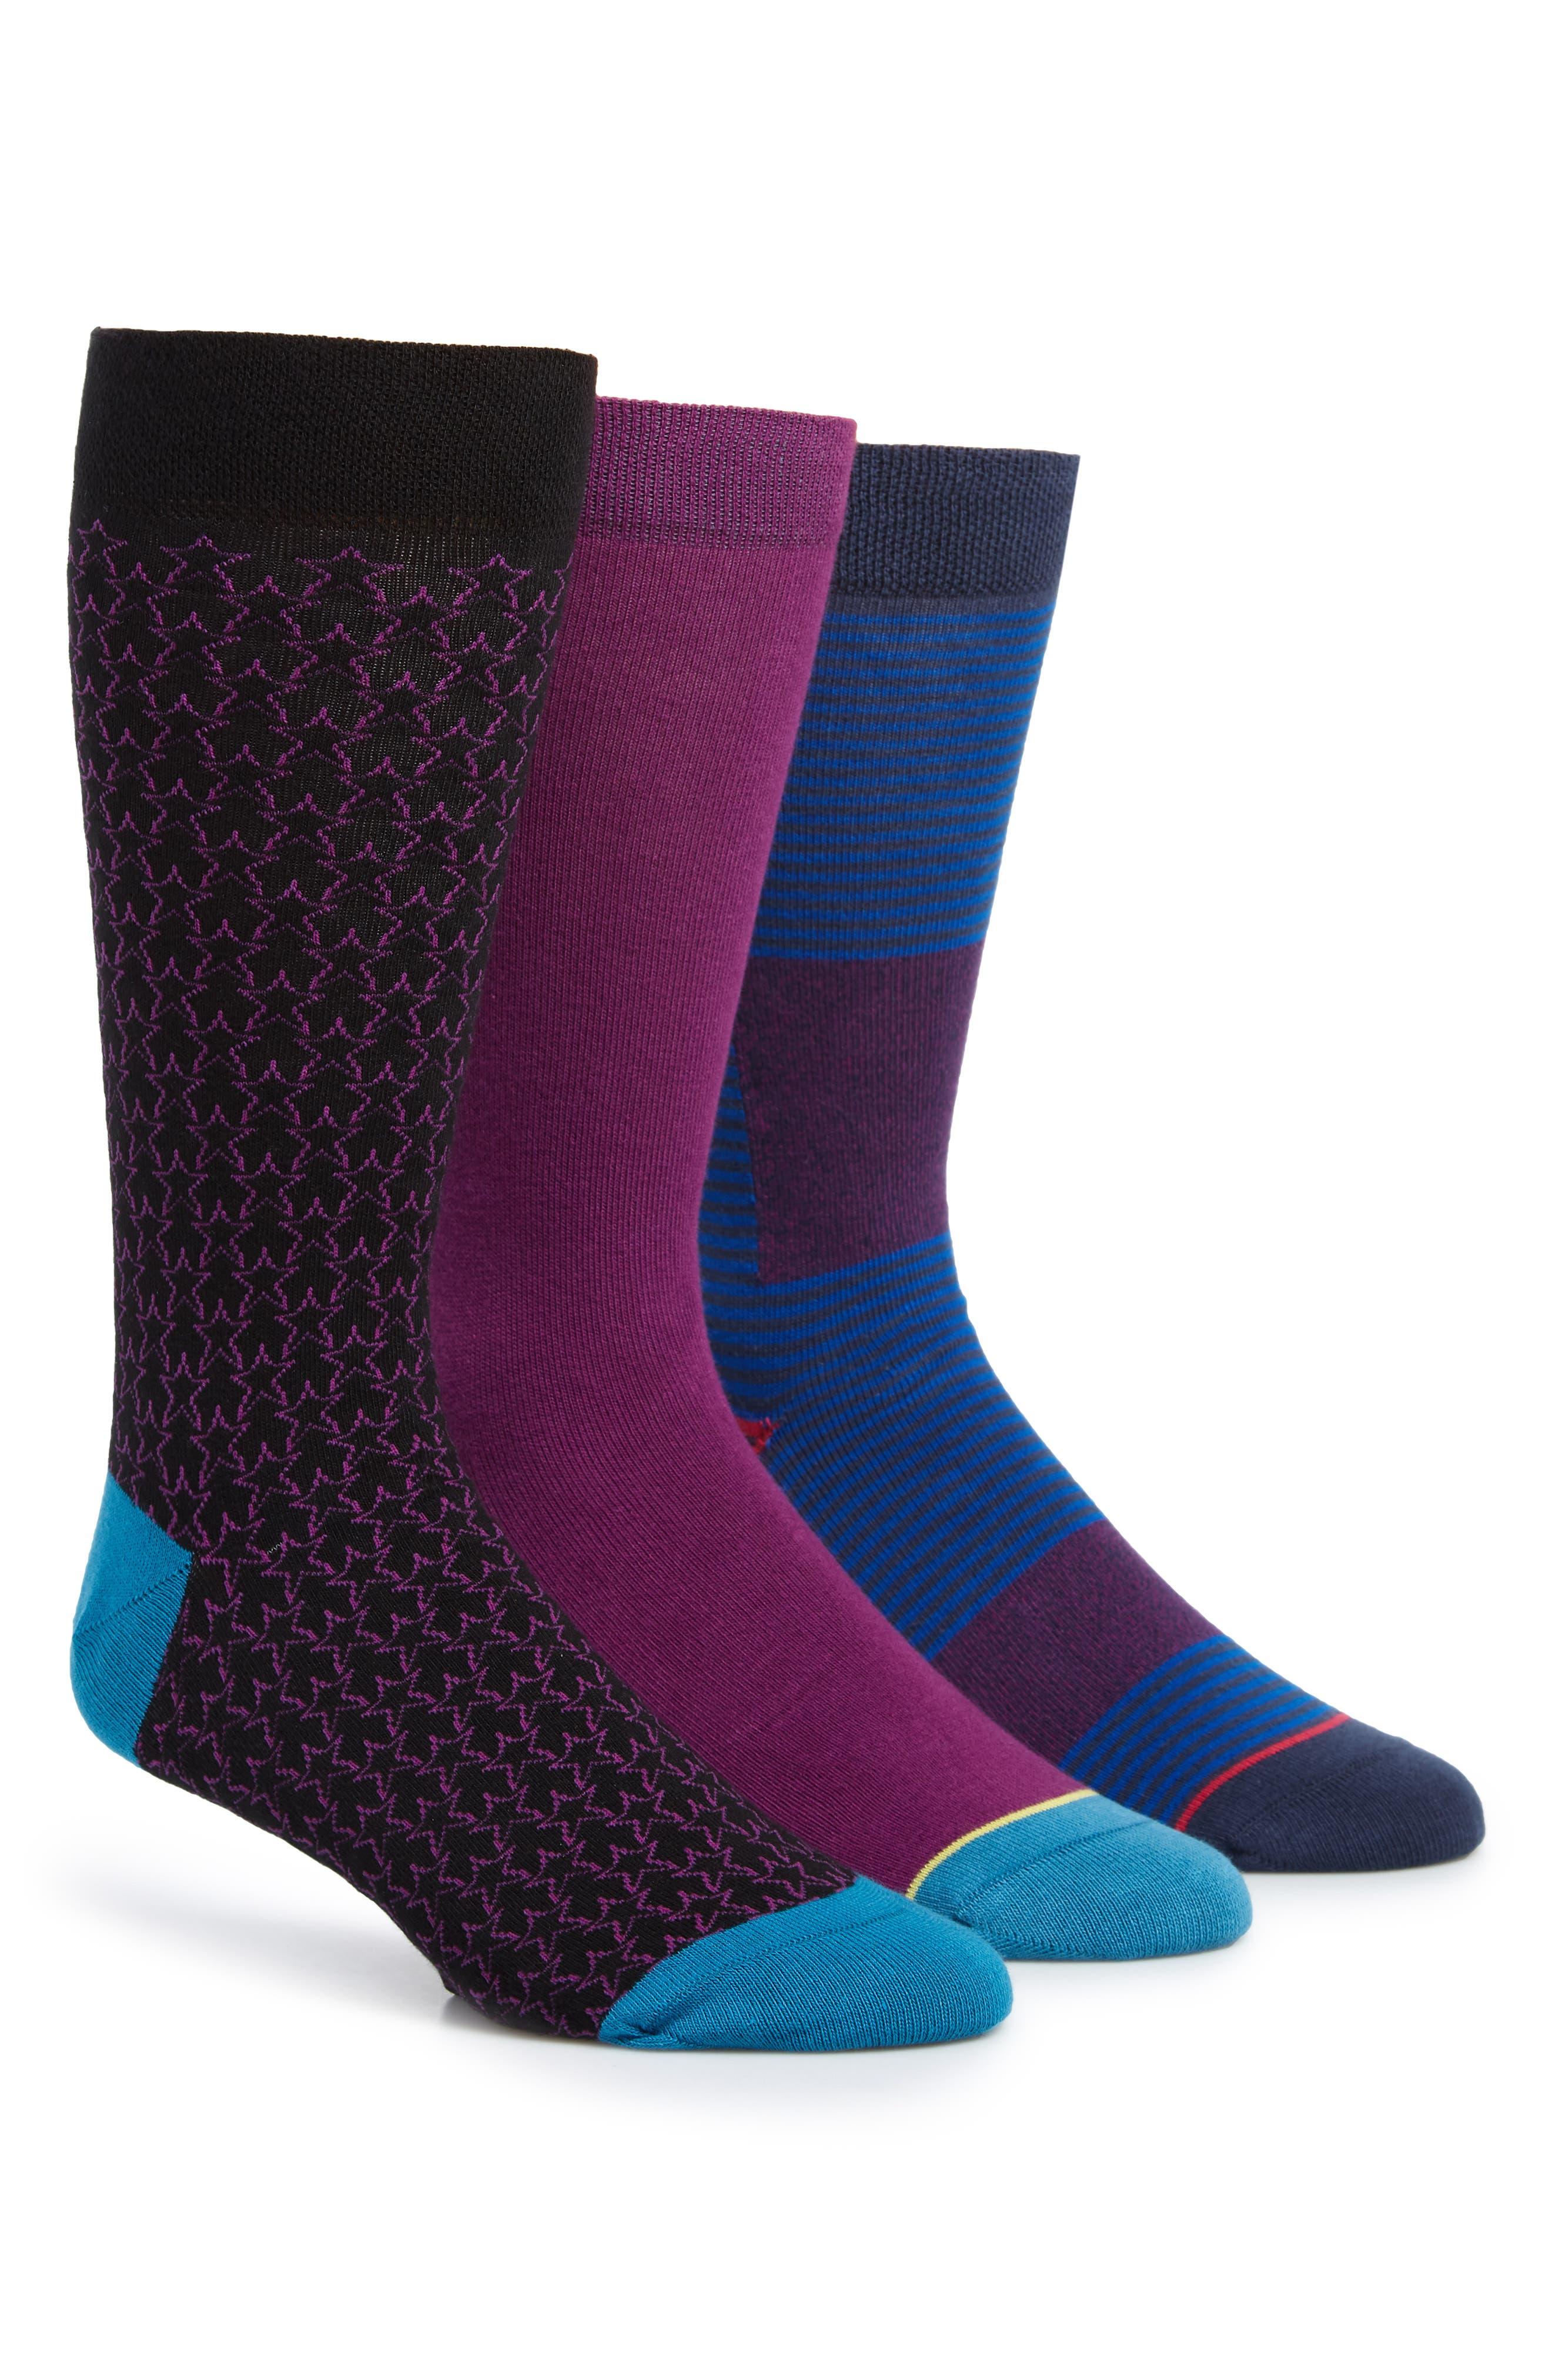 Shnow 3-Pack Socks,                             Main thumbnail 1, color,                             PURPLE/ BLUE MULTI